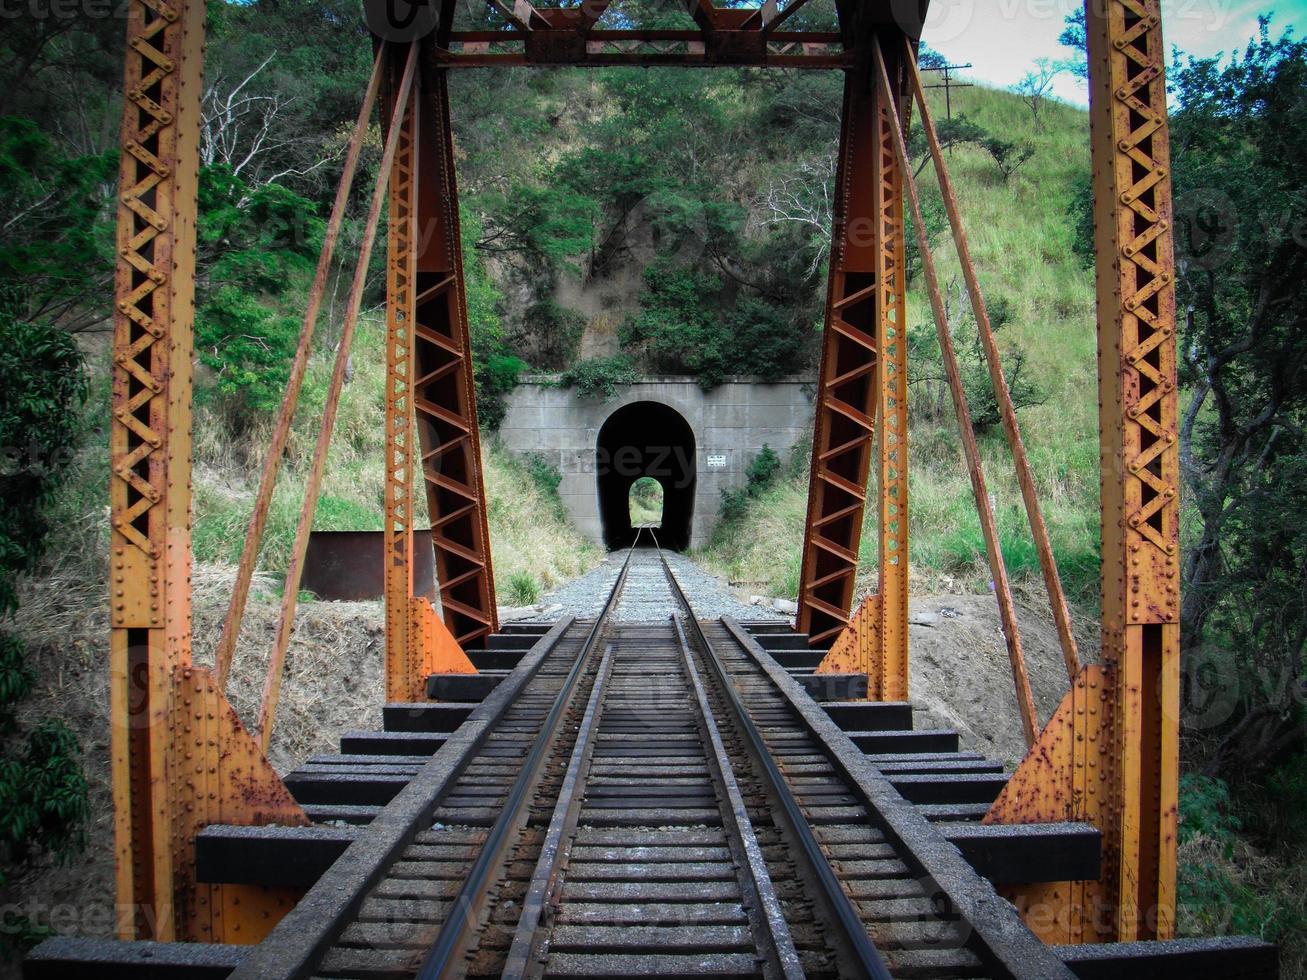 tunnel au bout du pont photo